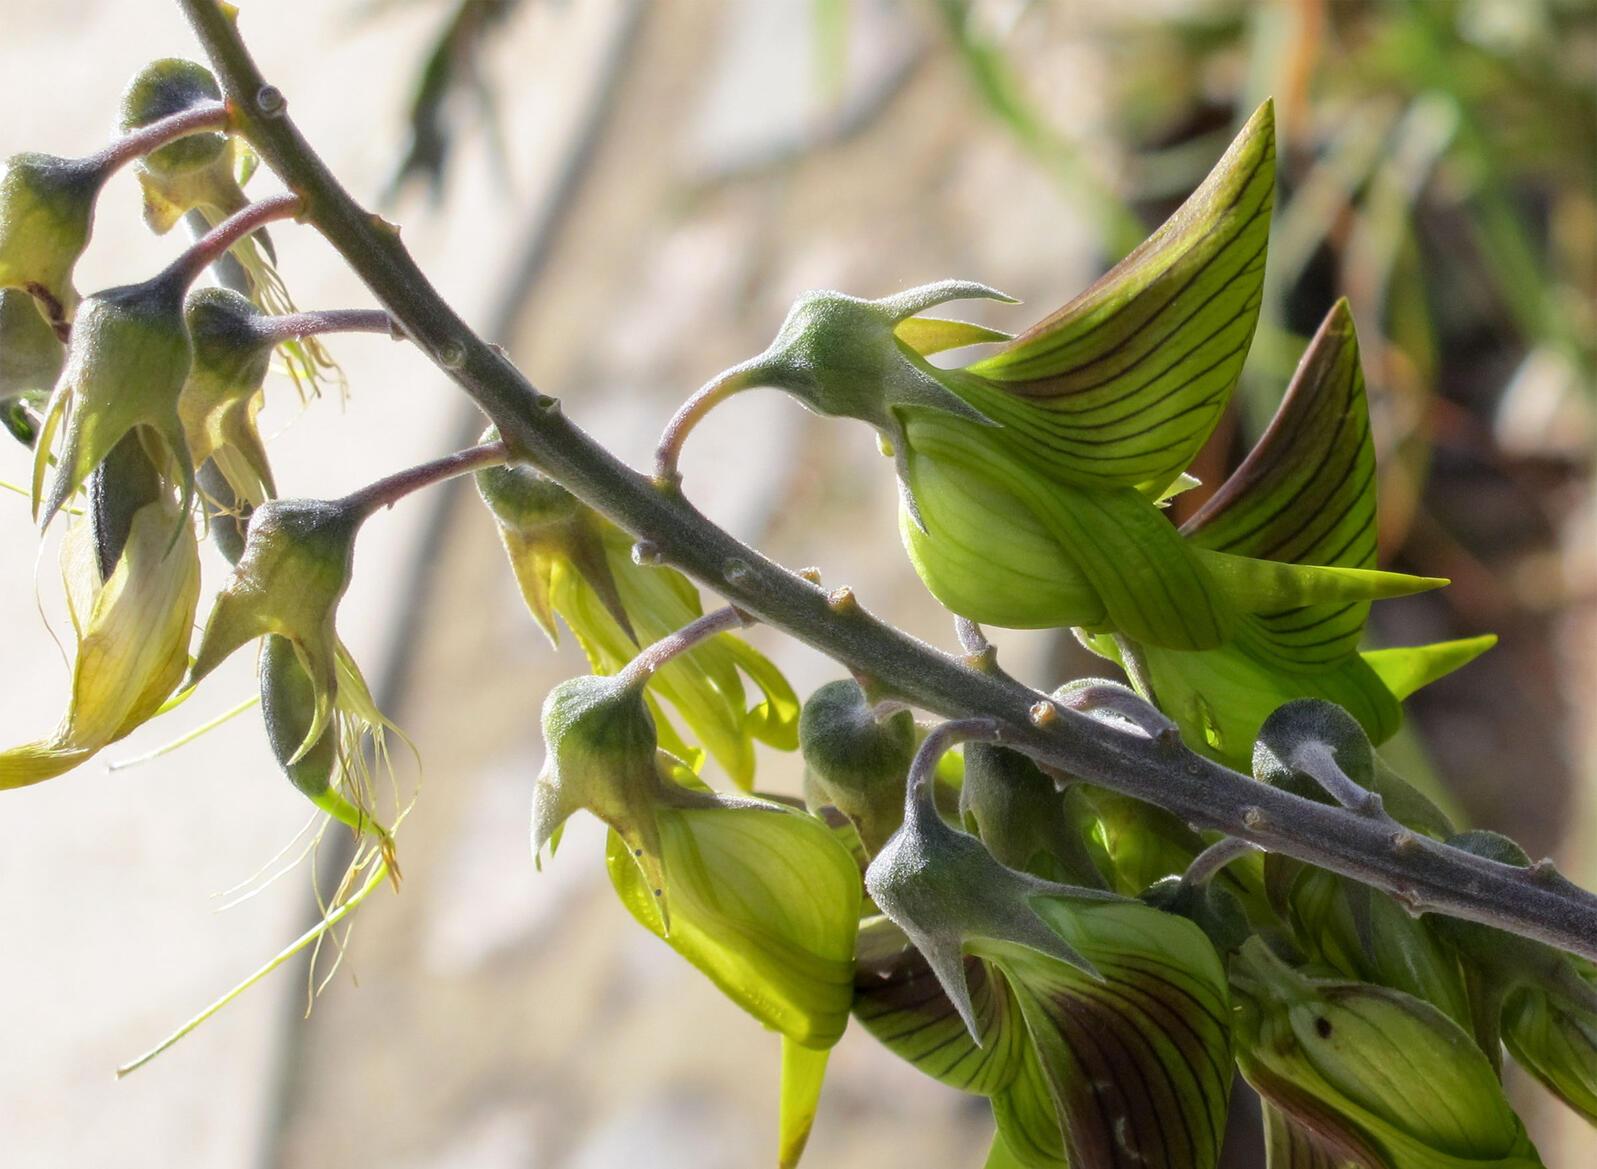 """Crotalaria cunninghamii, also known as the green birdflower, is native to Australia. <a href=""""https://www.flickr.com/photos/wynnie/4705805747/in/photolist-26Gzauy-8aTMUb-8aQu6R-8aTJ6d-8aQrQZ-epYTAv"""">Steel Wool</a>/Flickr (CC BY-NC-ND 2.0)"""